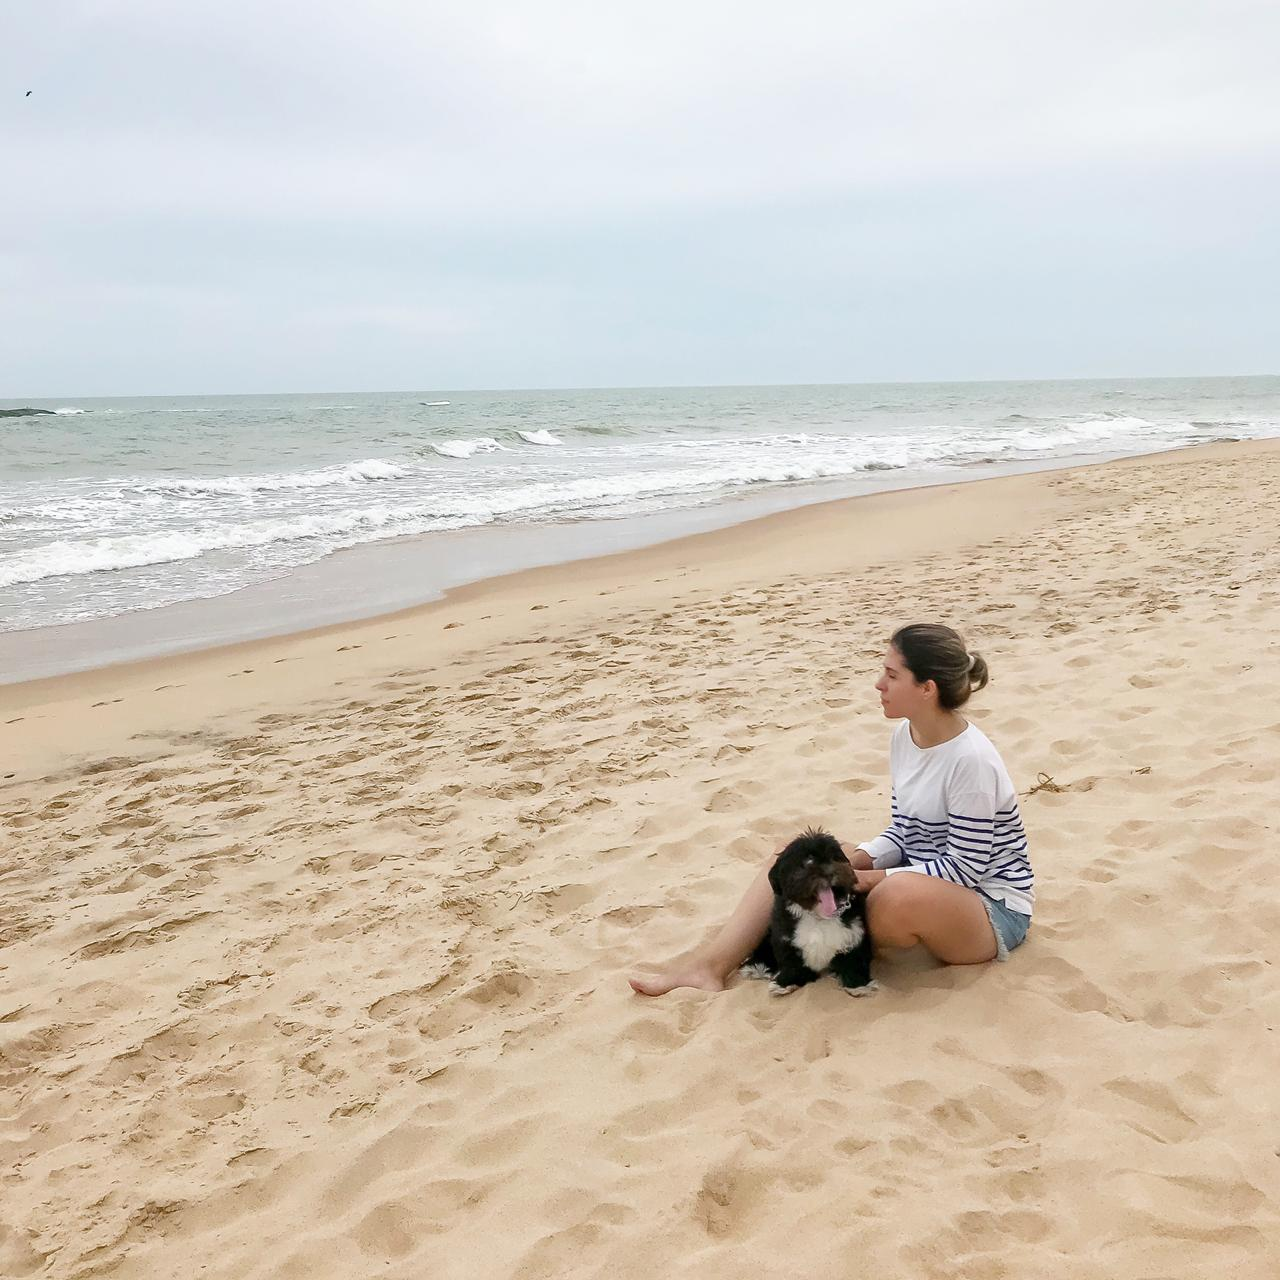 poliana praia lolla - A Difícil Tarefa de Amar o que Você tem Quando Não é seu Sonho